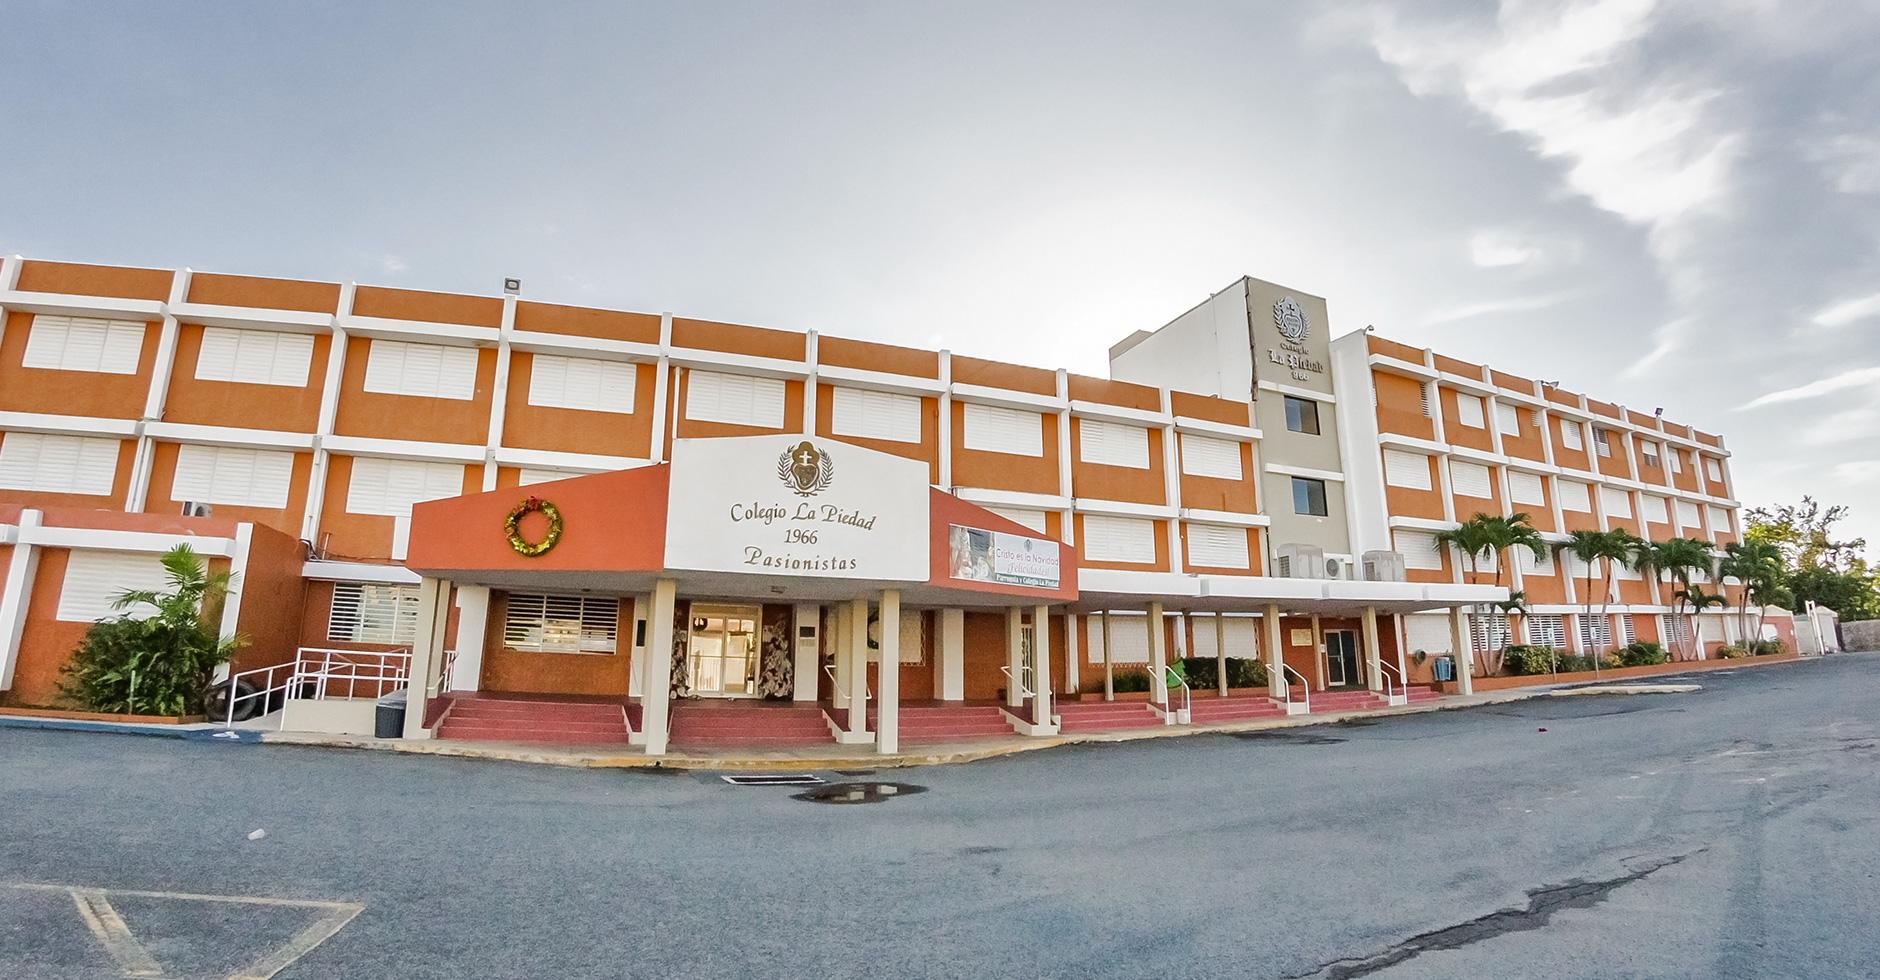 Colegio La Piedad